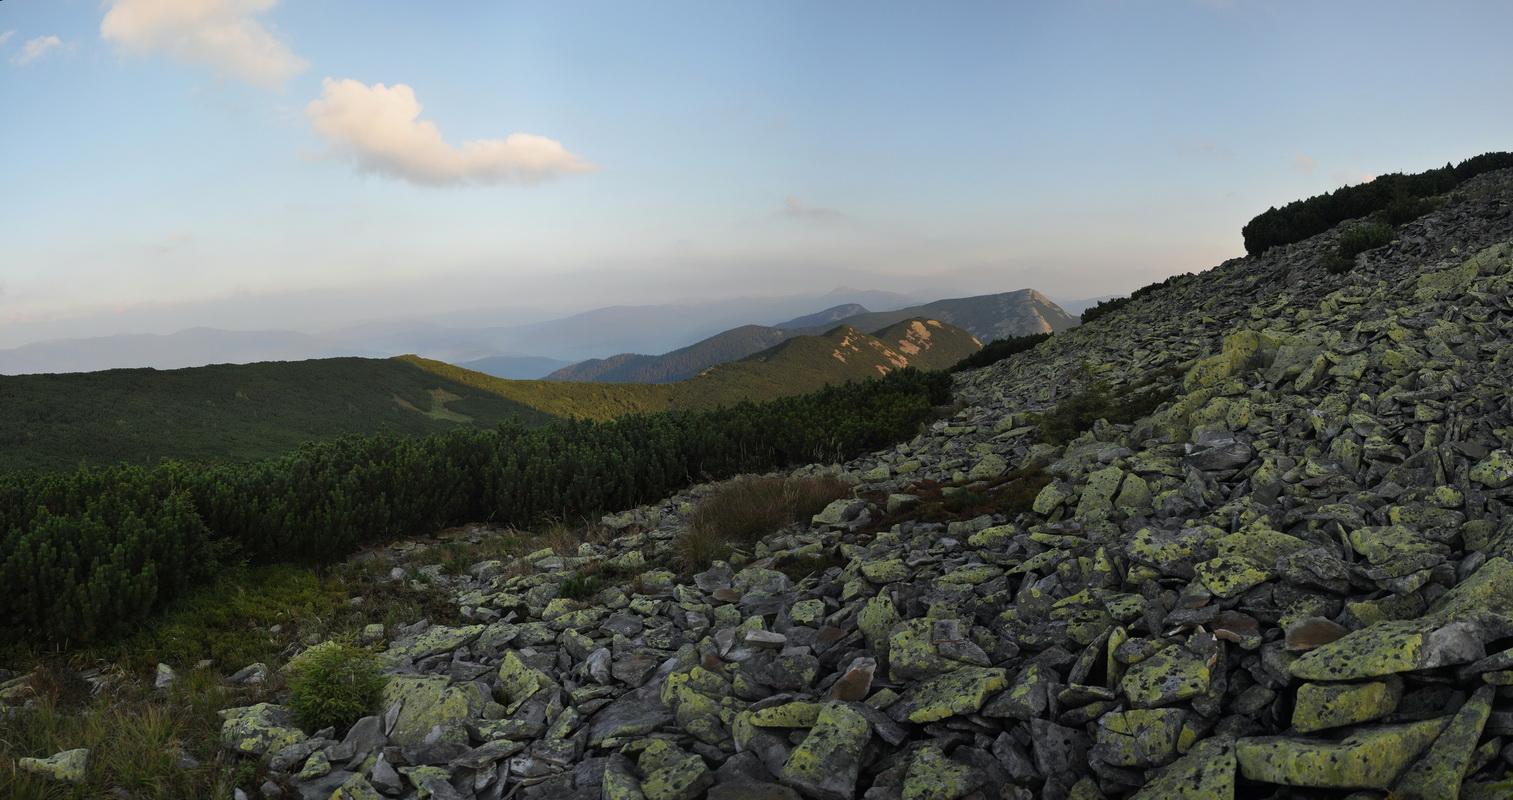 DSC 9165 Panorama